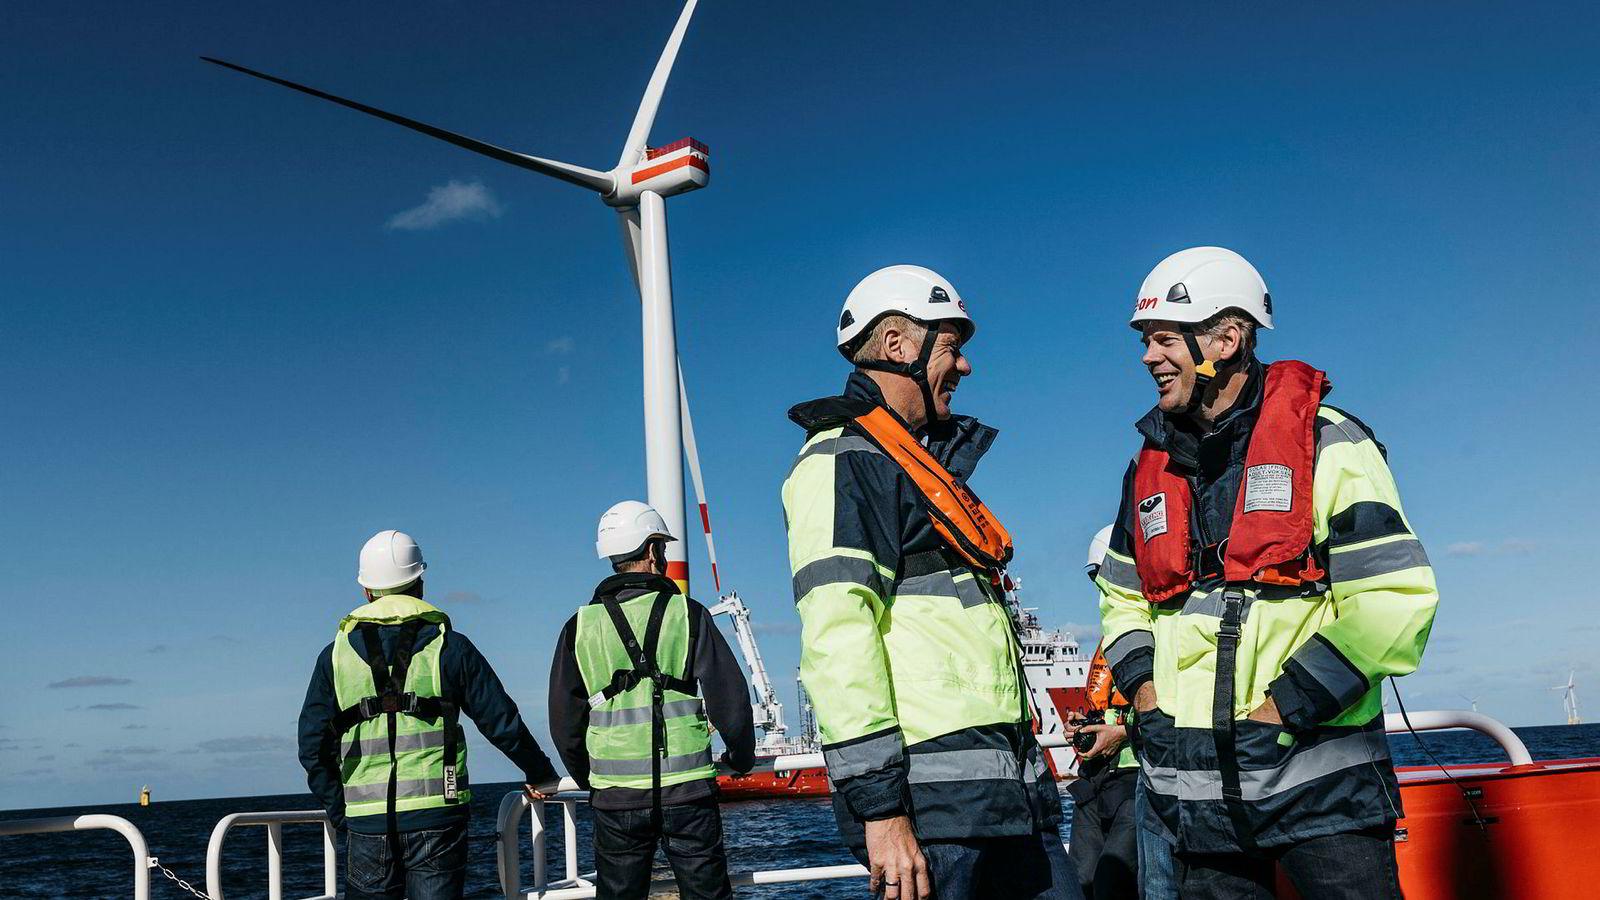 Prosjektdirektør Holger Matthiesen fra E.on stilte opp med Equinors Pål N. Coldevin (til høyre) under en pressetur til byggingen av Arkona-vindparken i Tyskland i høst. Equinor og E.on eier Arkona-prosjektet 50–50.